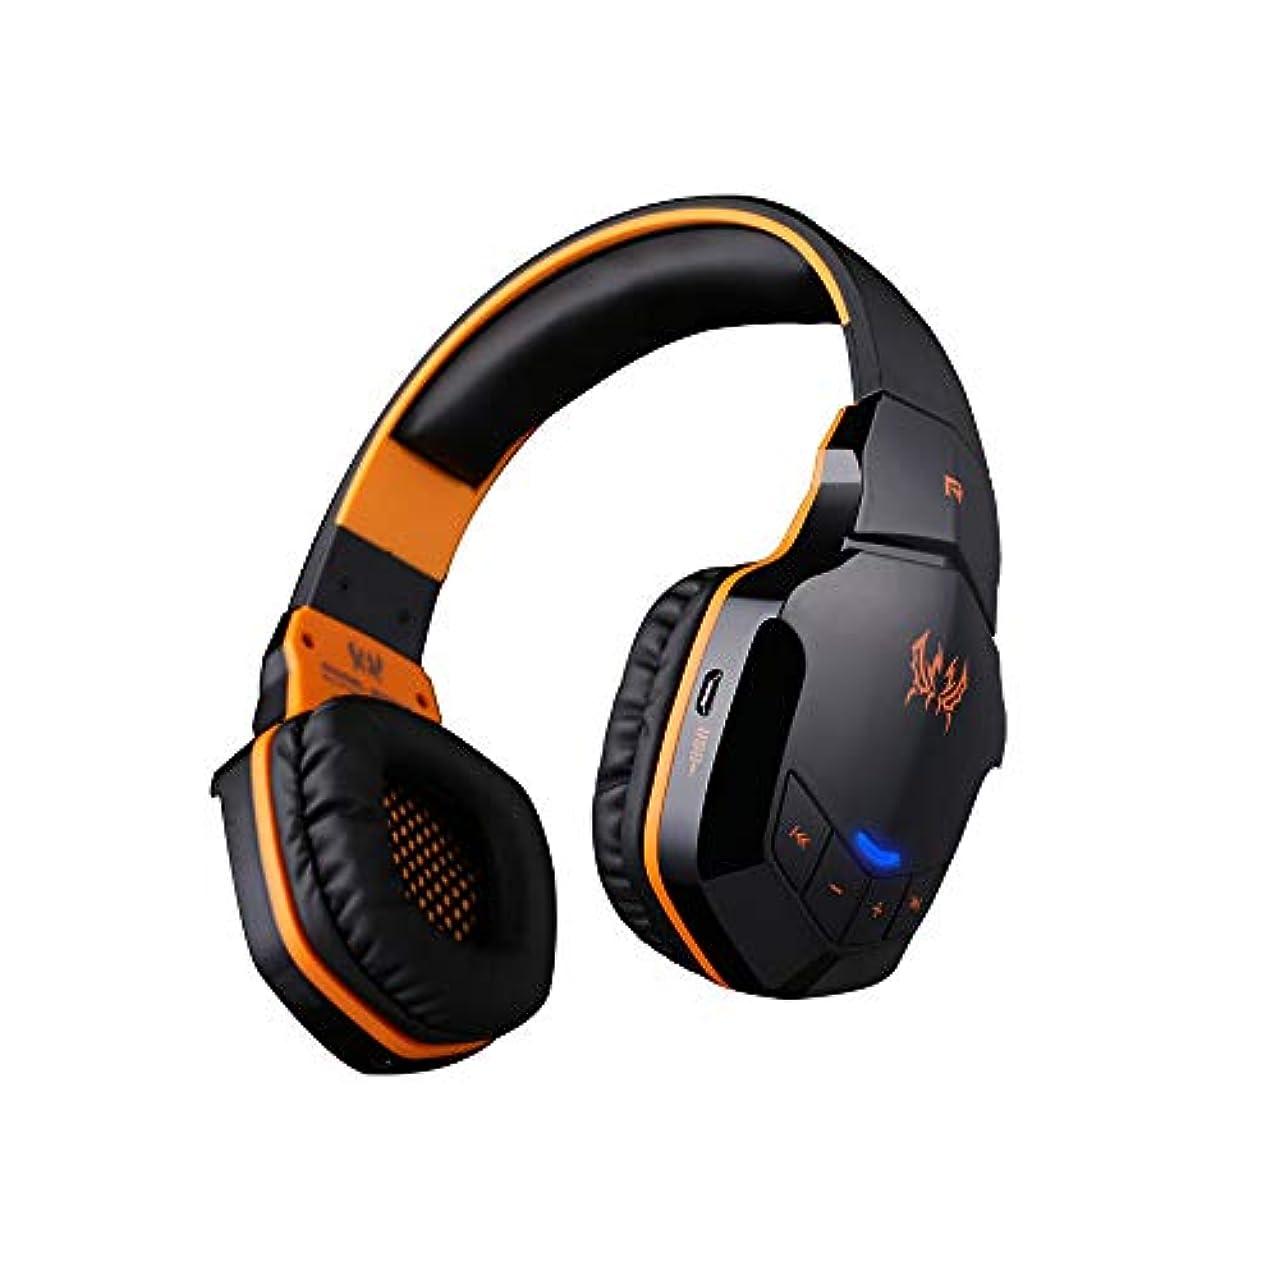 設置オフ具体的にヘッドセットBluetoothワイヤレスヘッドセットヘッドセットゲームミュージックヘッドセット、オレンジ